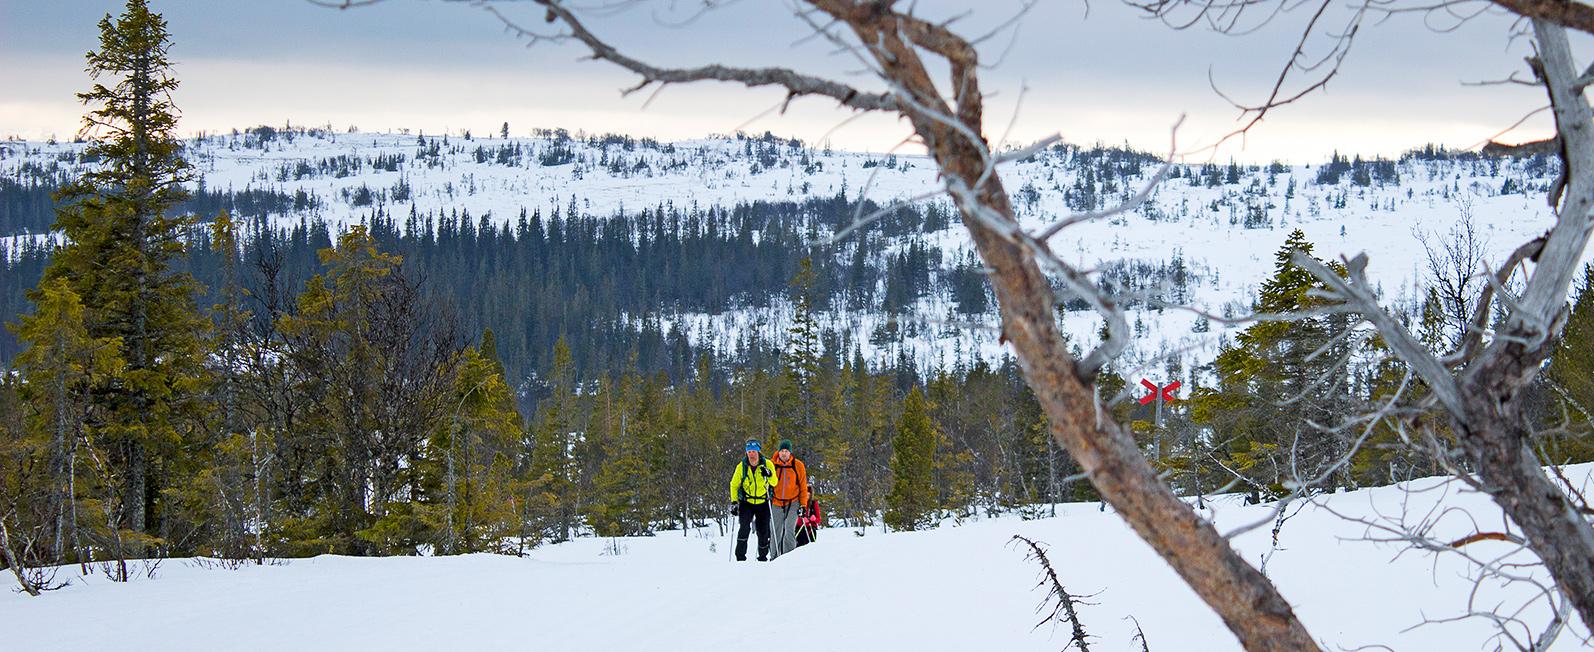 En Heldagstur På Skidor Runt Välliste. En Fjällupplevelse I Världsklass I Södra Årefjällen.